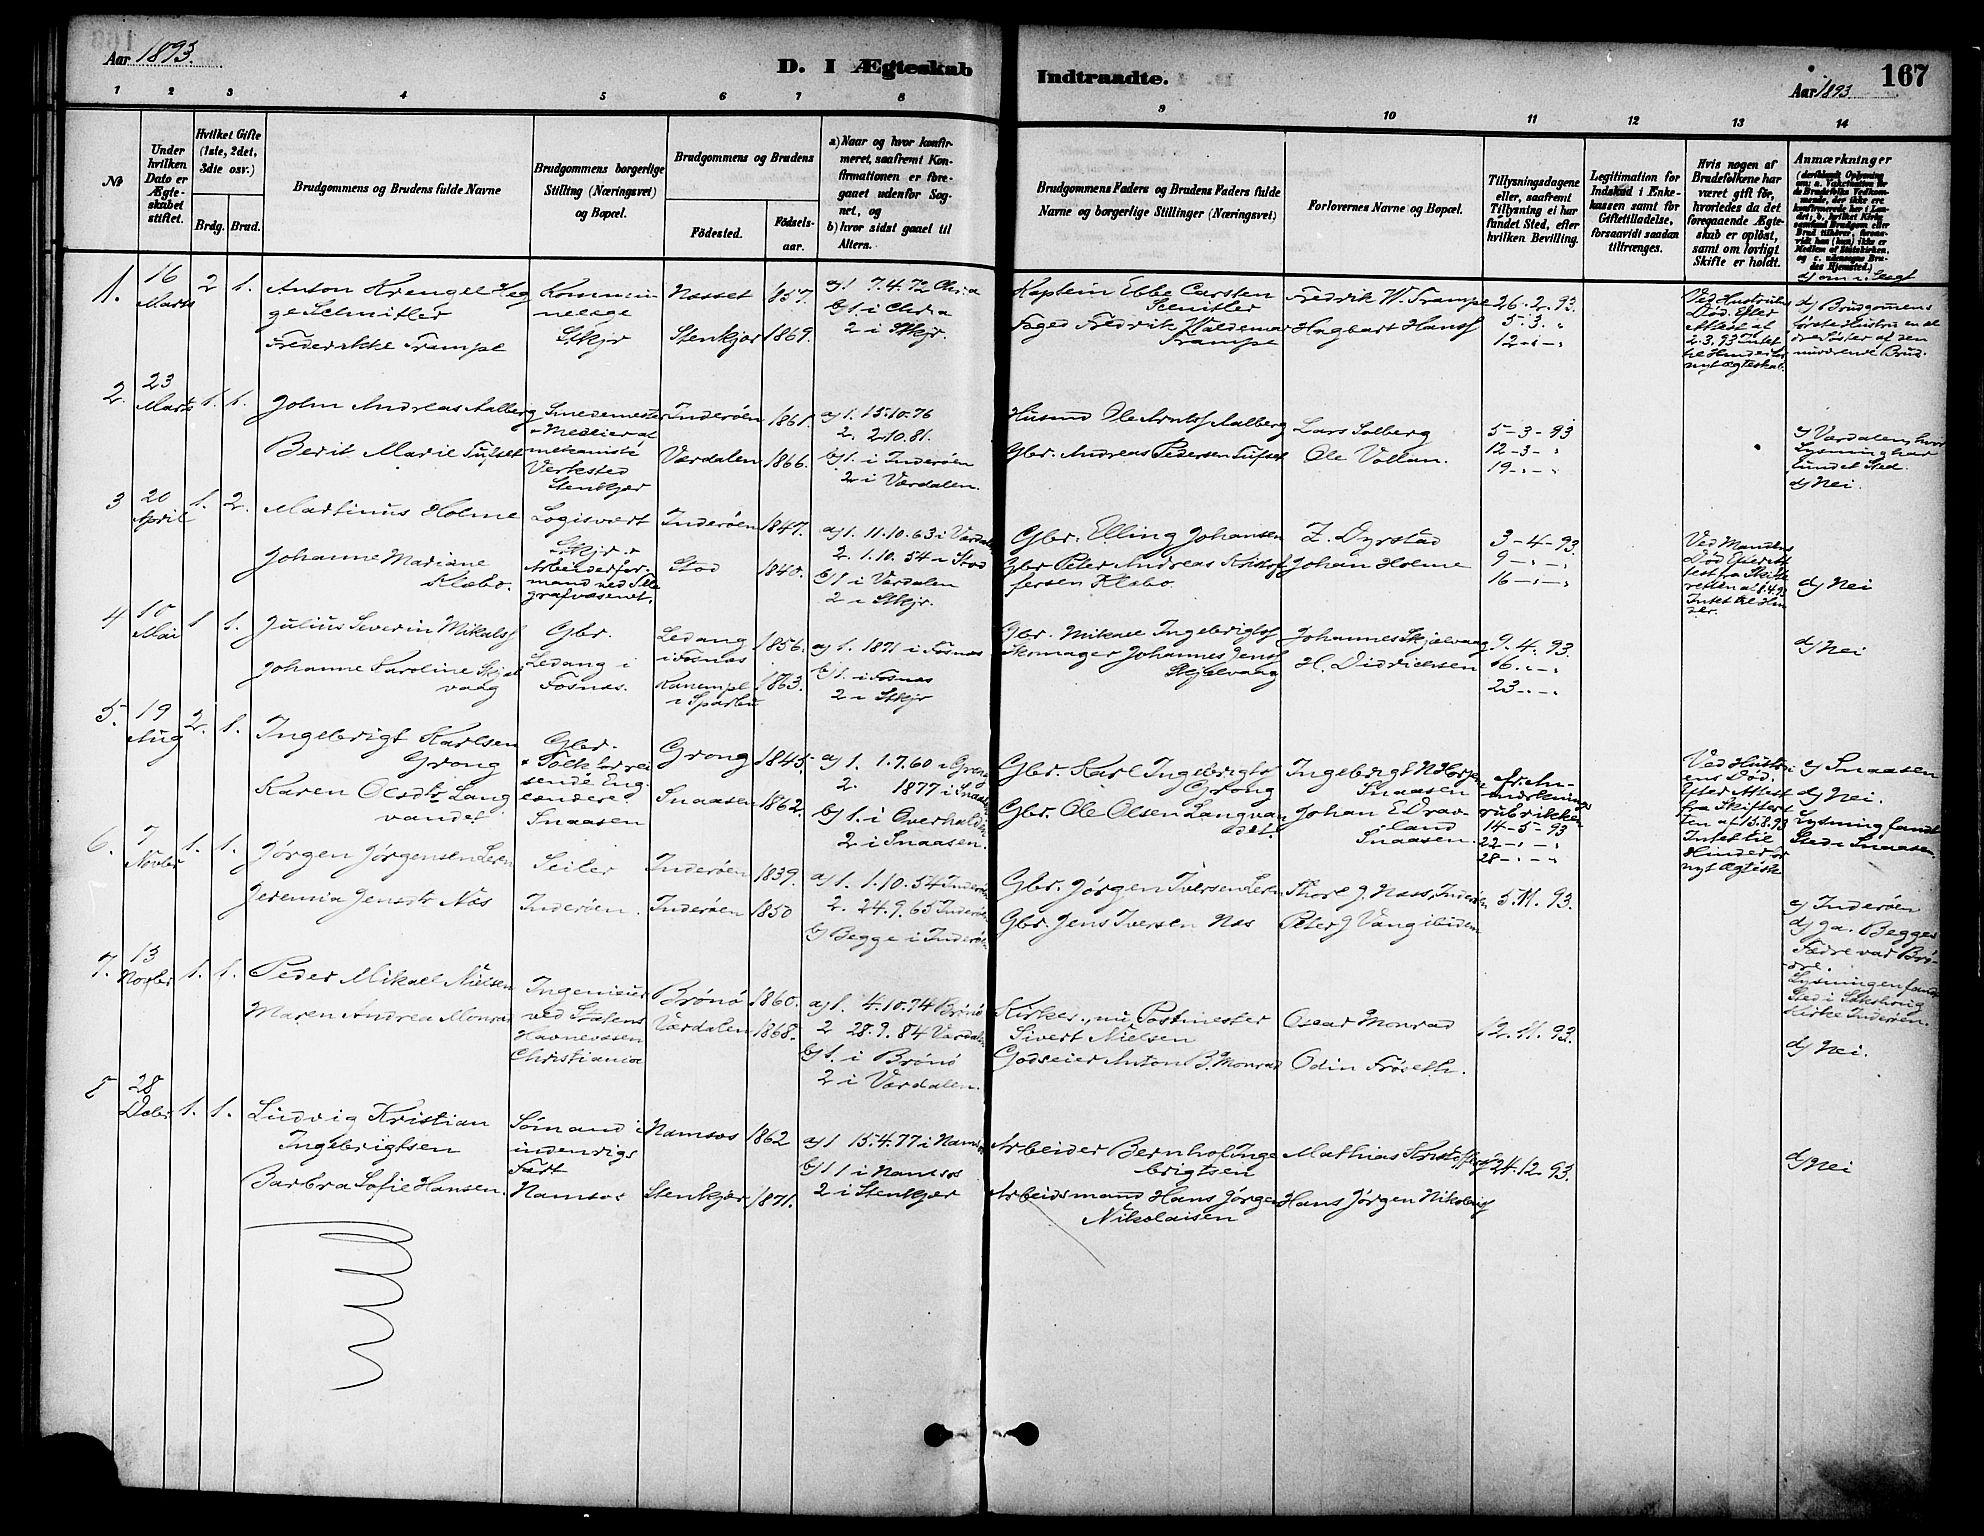 SAT, Ministerialprotokoller, klokkerbøker og fødselsregistre - Nord-Trøndelag, 739/L0371: Ministerialbok nr. 739A03, 1881-1895, s. 167